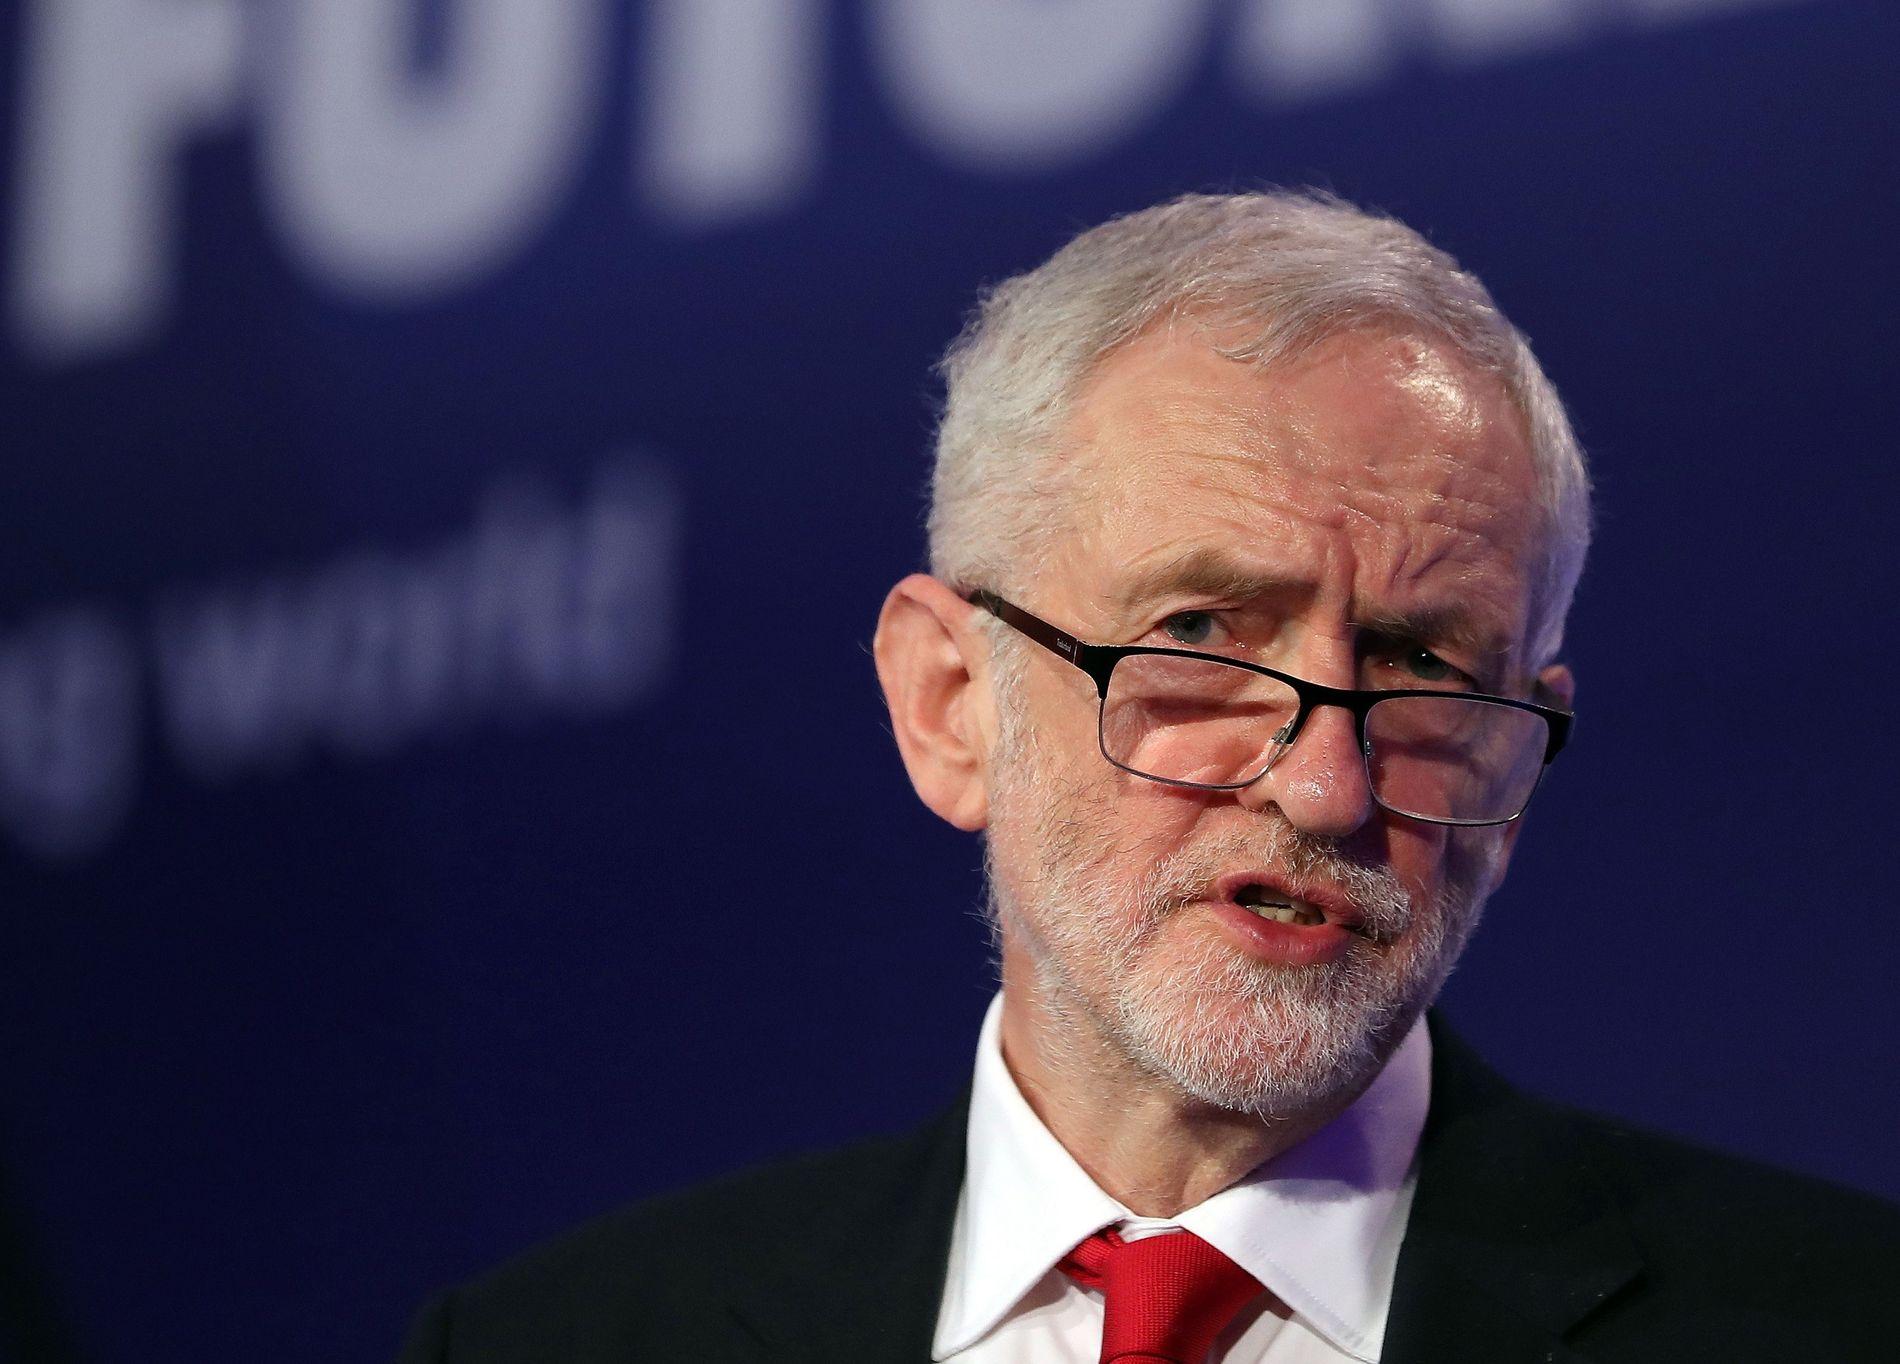 LABOUR-LEDER: Jeremy Corbyn under en tale han holdt til en britisk fagforening i midten av februar.